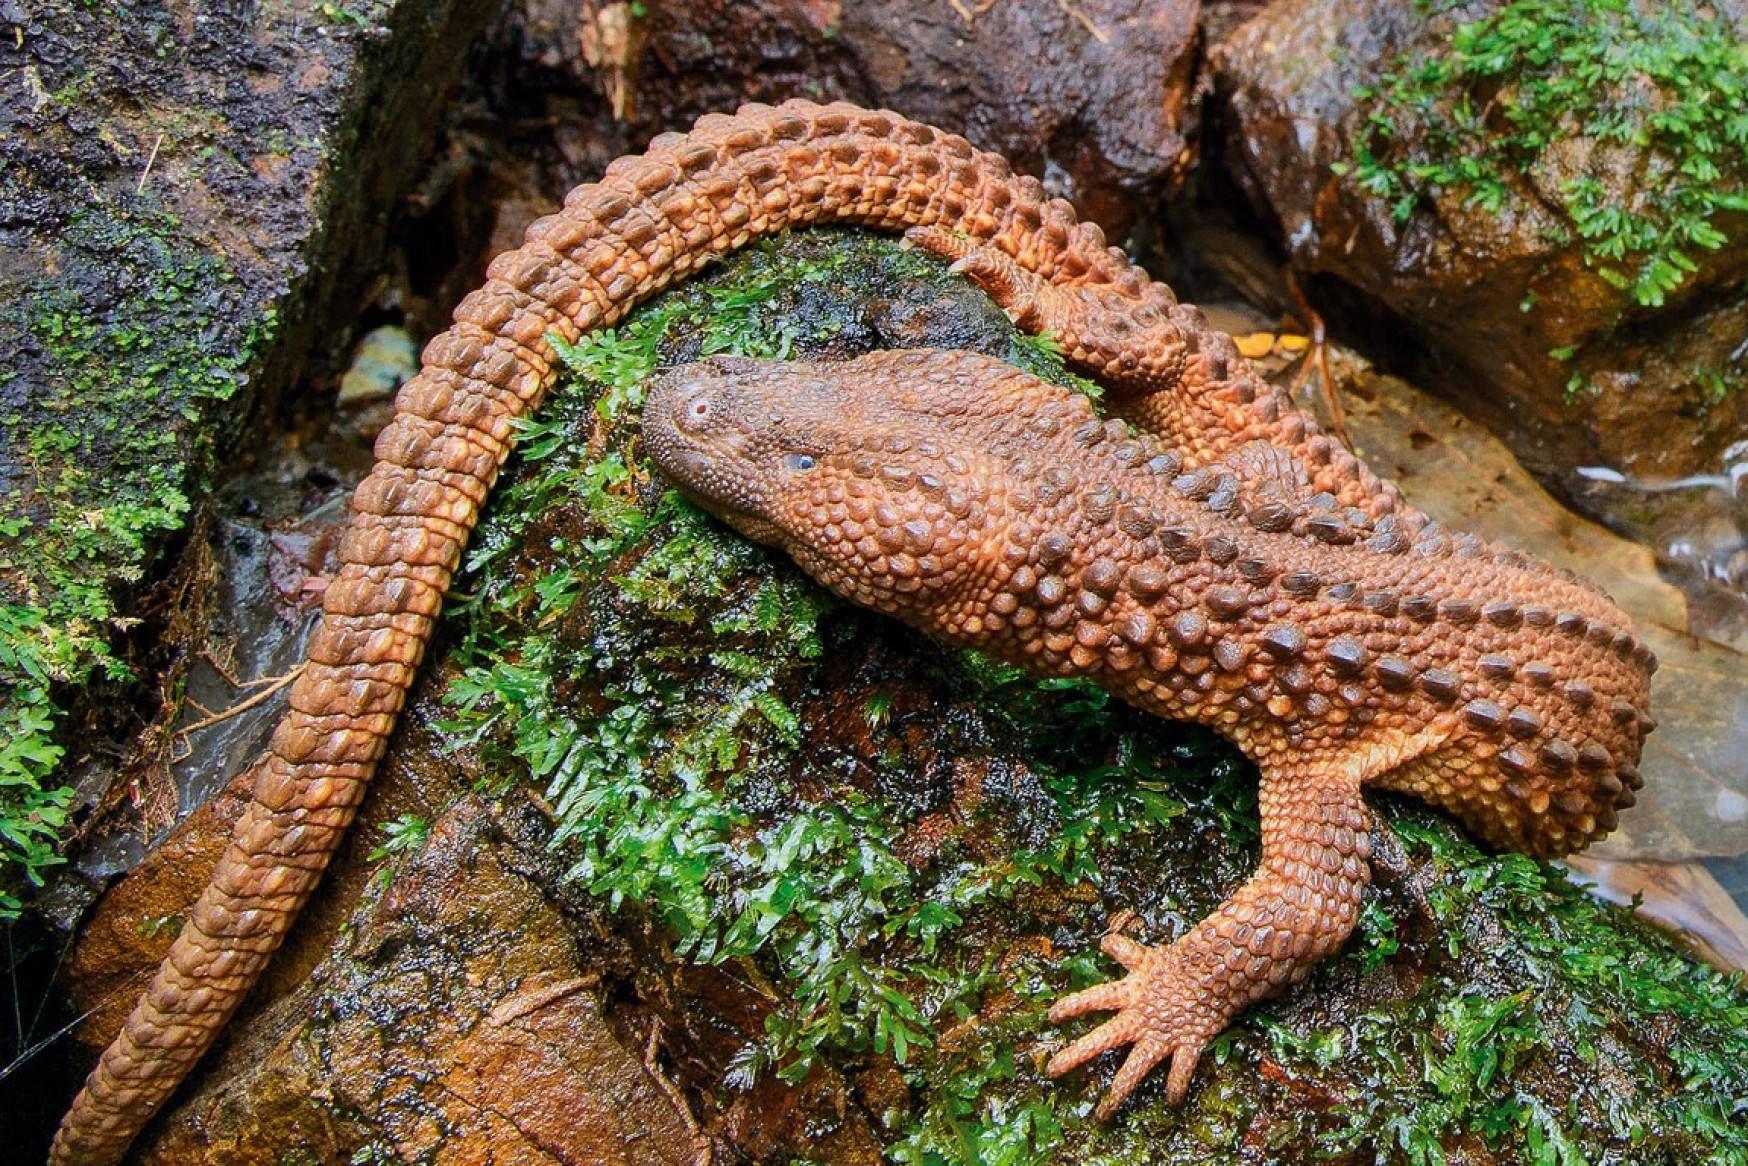 Lanthanotus borneensis, Earless monitor lizard Monitor